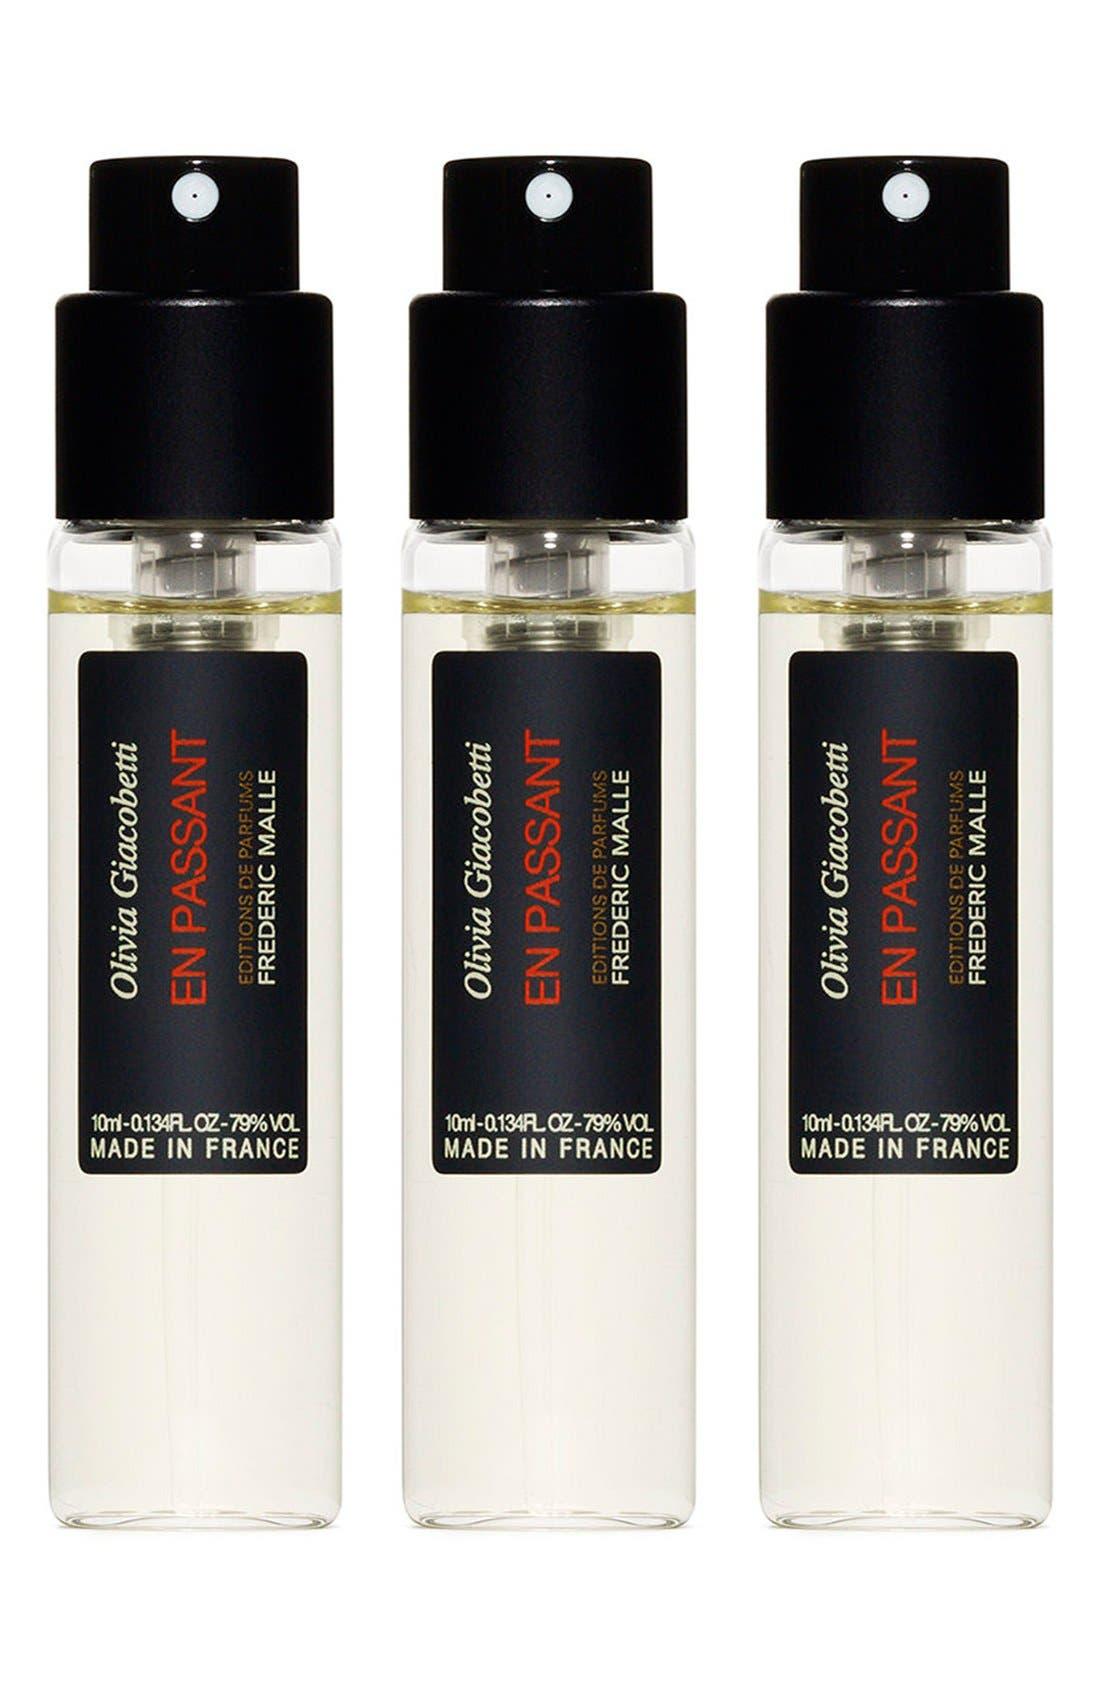 Editions de Parfums Frédéric Malle En Passant Parfum Spray Travel Trio